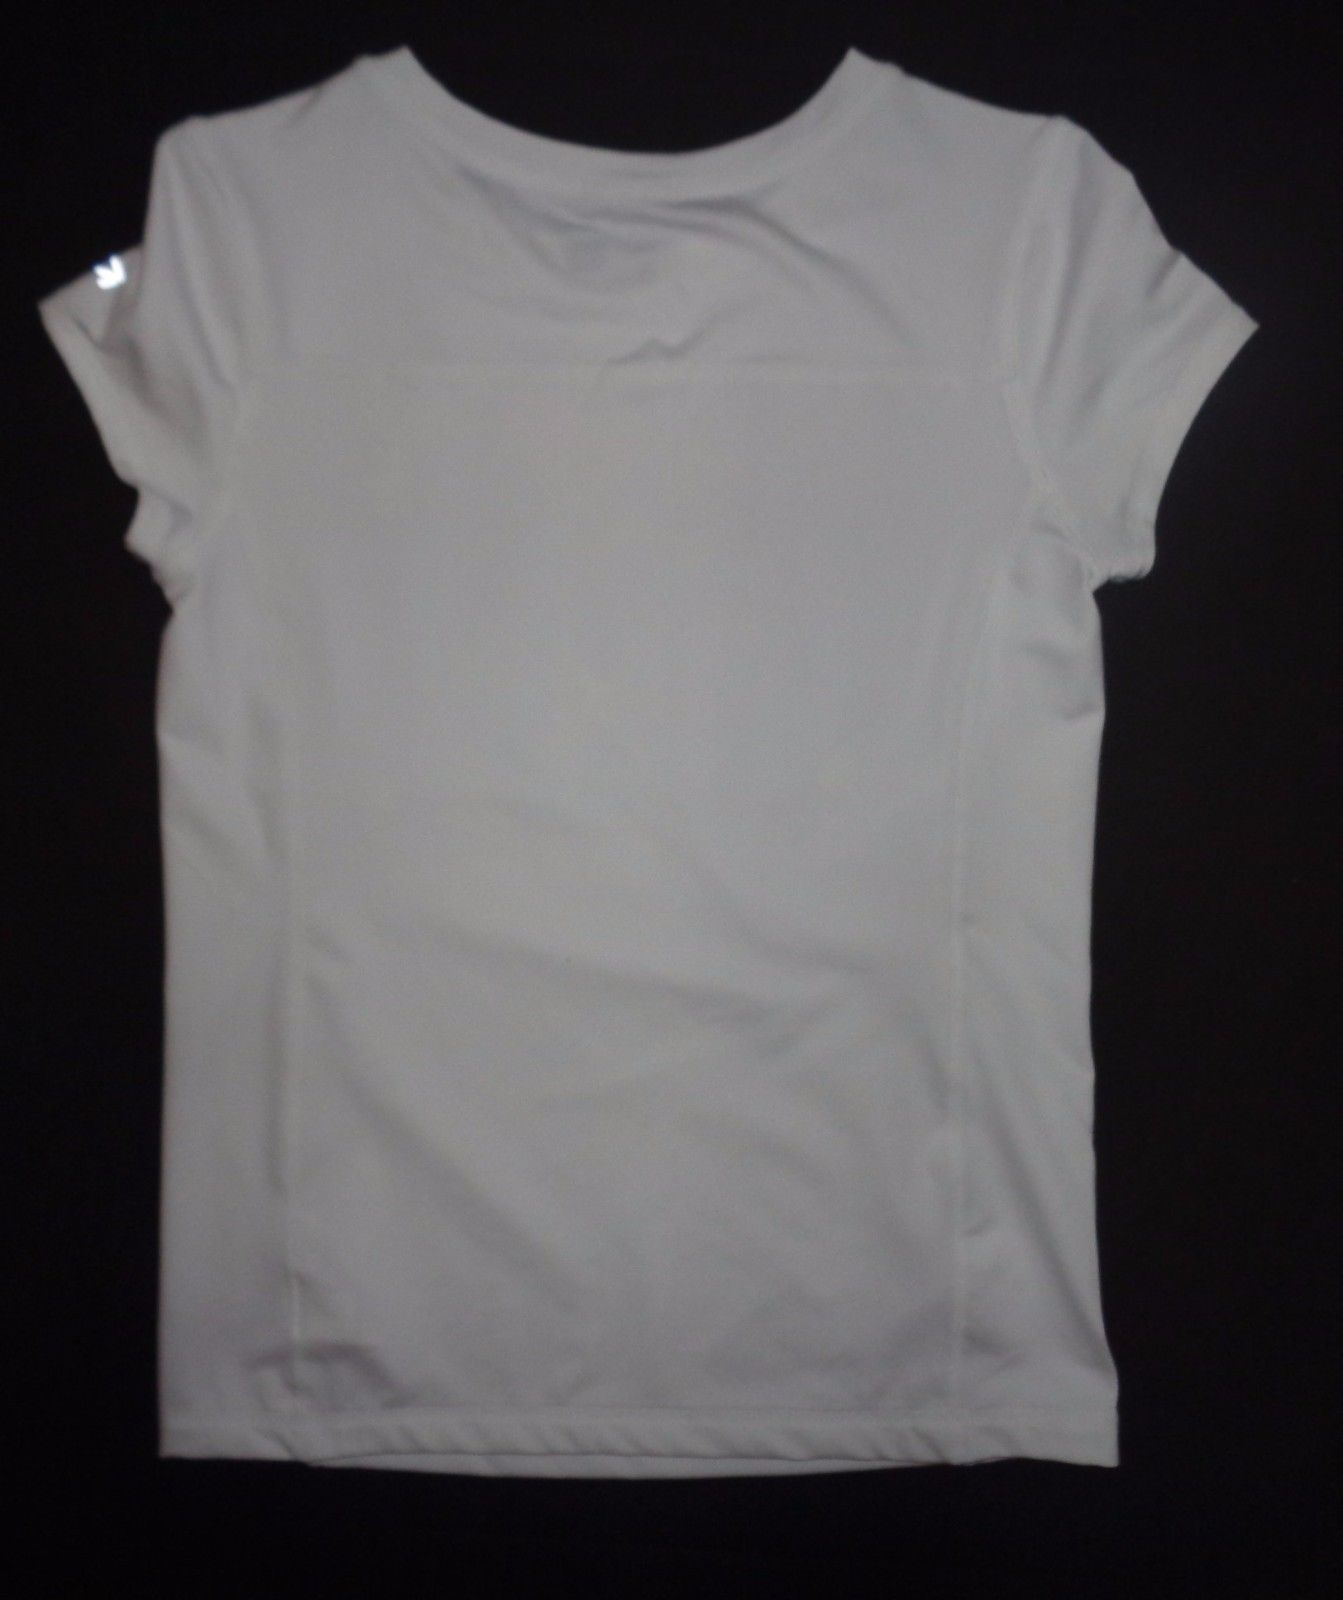 GAP Fit Dry White Multi-color GO! T-Shirt Sz XXL NWOT image 4